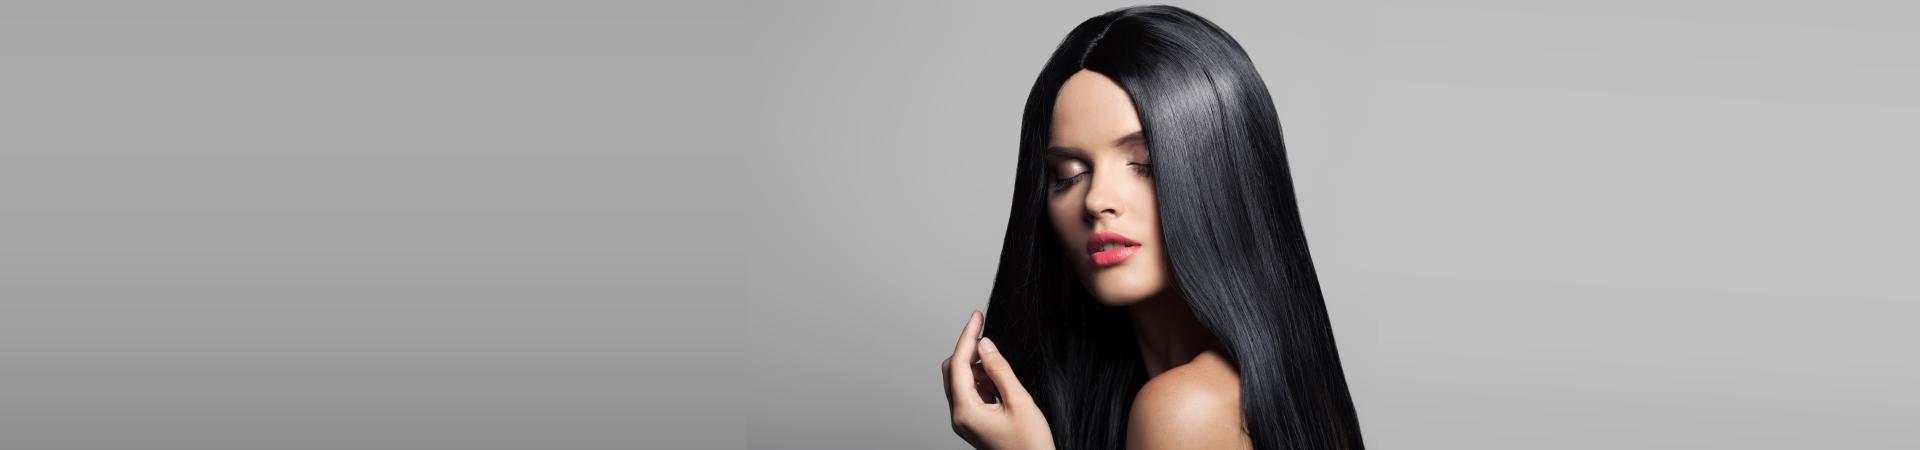 Mulher com cabelo liso após realizar redução de volume, também conhecida como selagem.